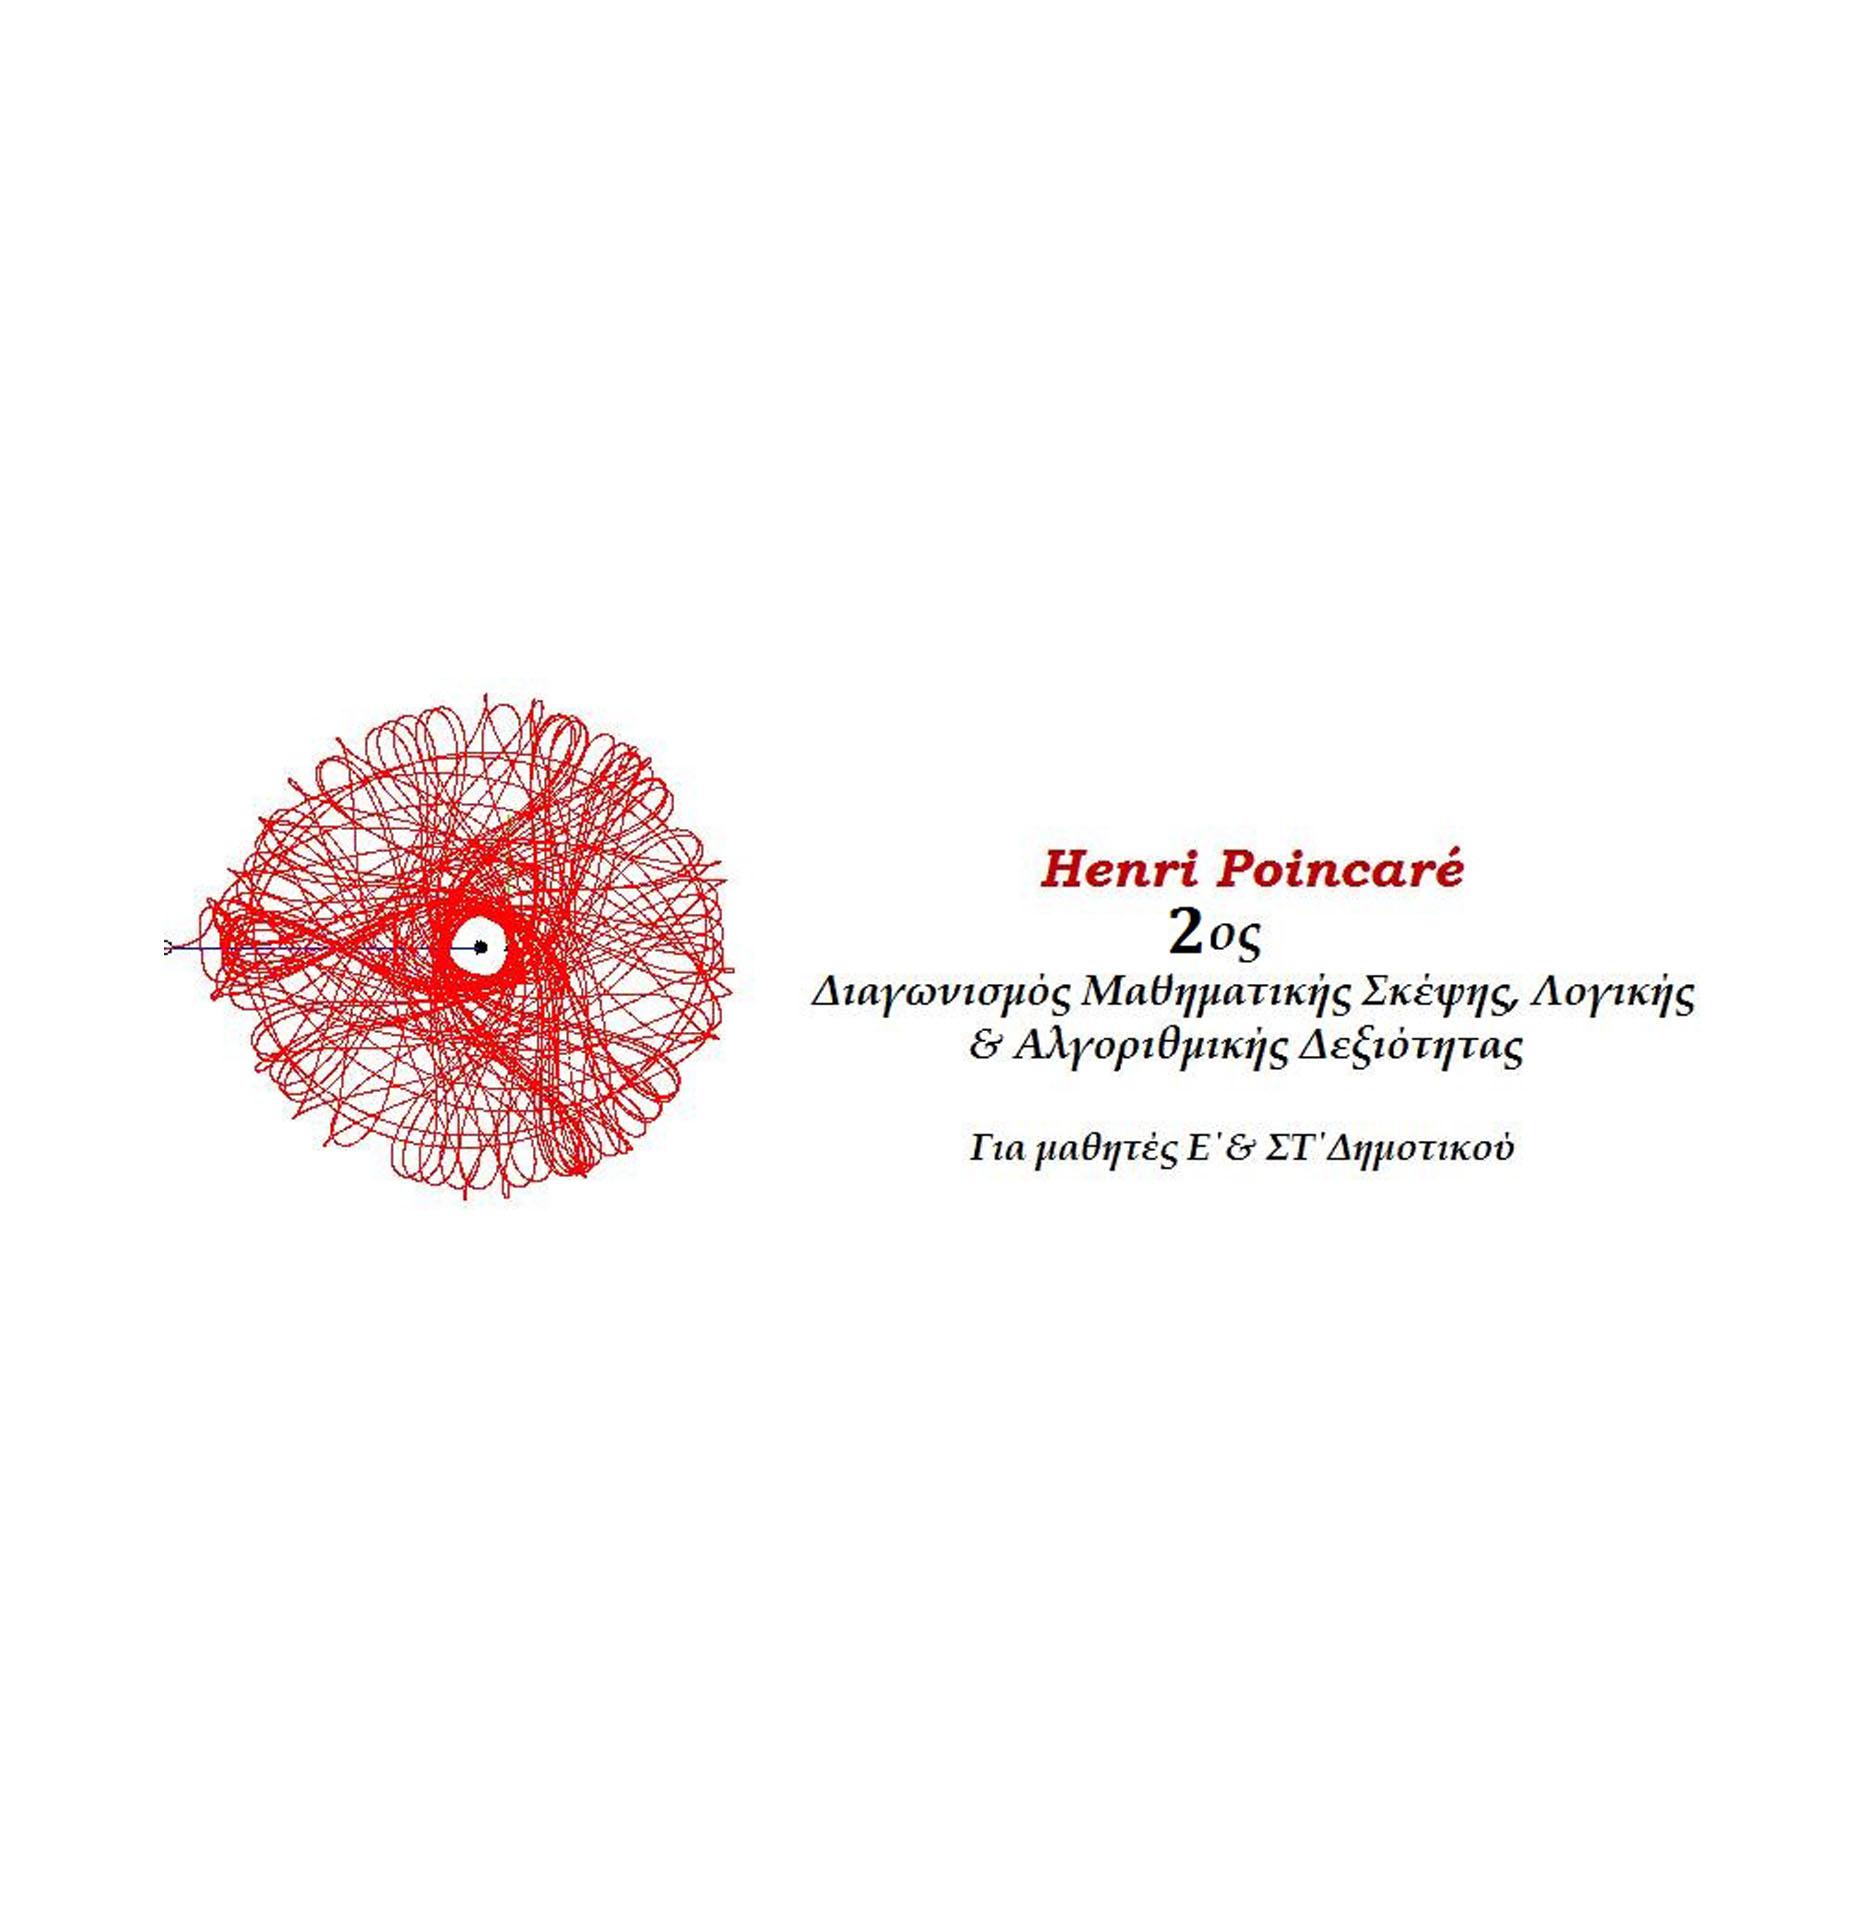 """2ος Διαγωνισμός Μαθηματικής Σκέψης, Λογικής & Αλγοριθμικής Δεξιότητας """"Ανρί Πουανκαρέ"""", για μαθητές Ε΄ και ΣΤ΄ Δημοτικού"""